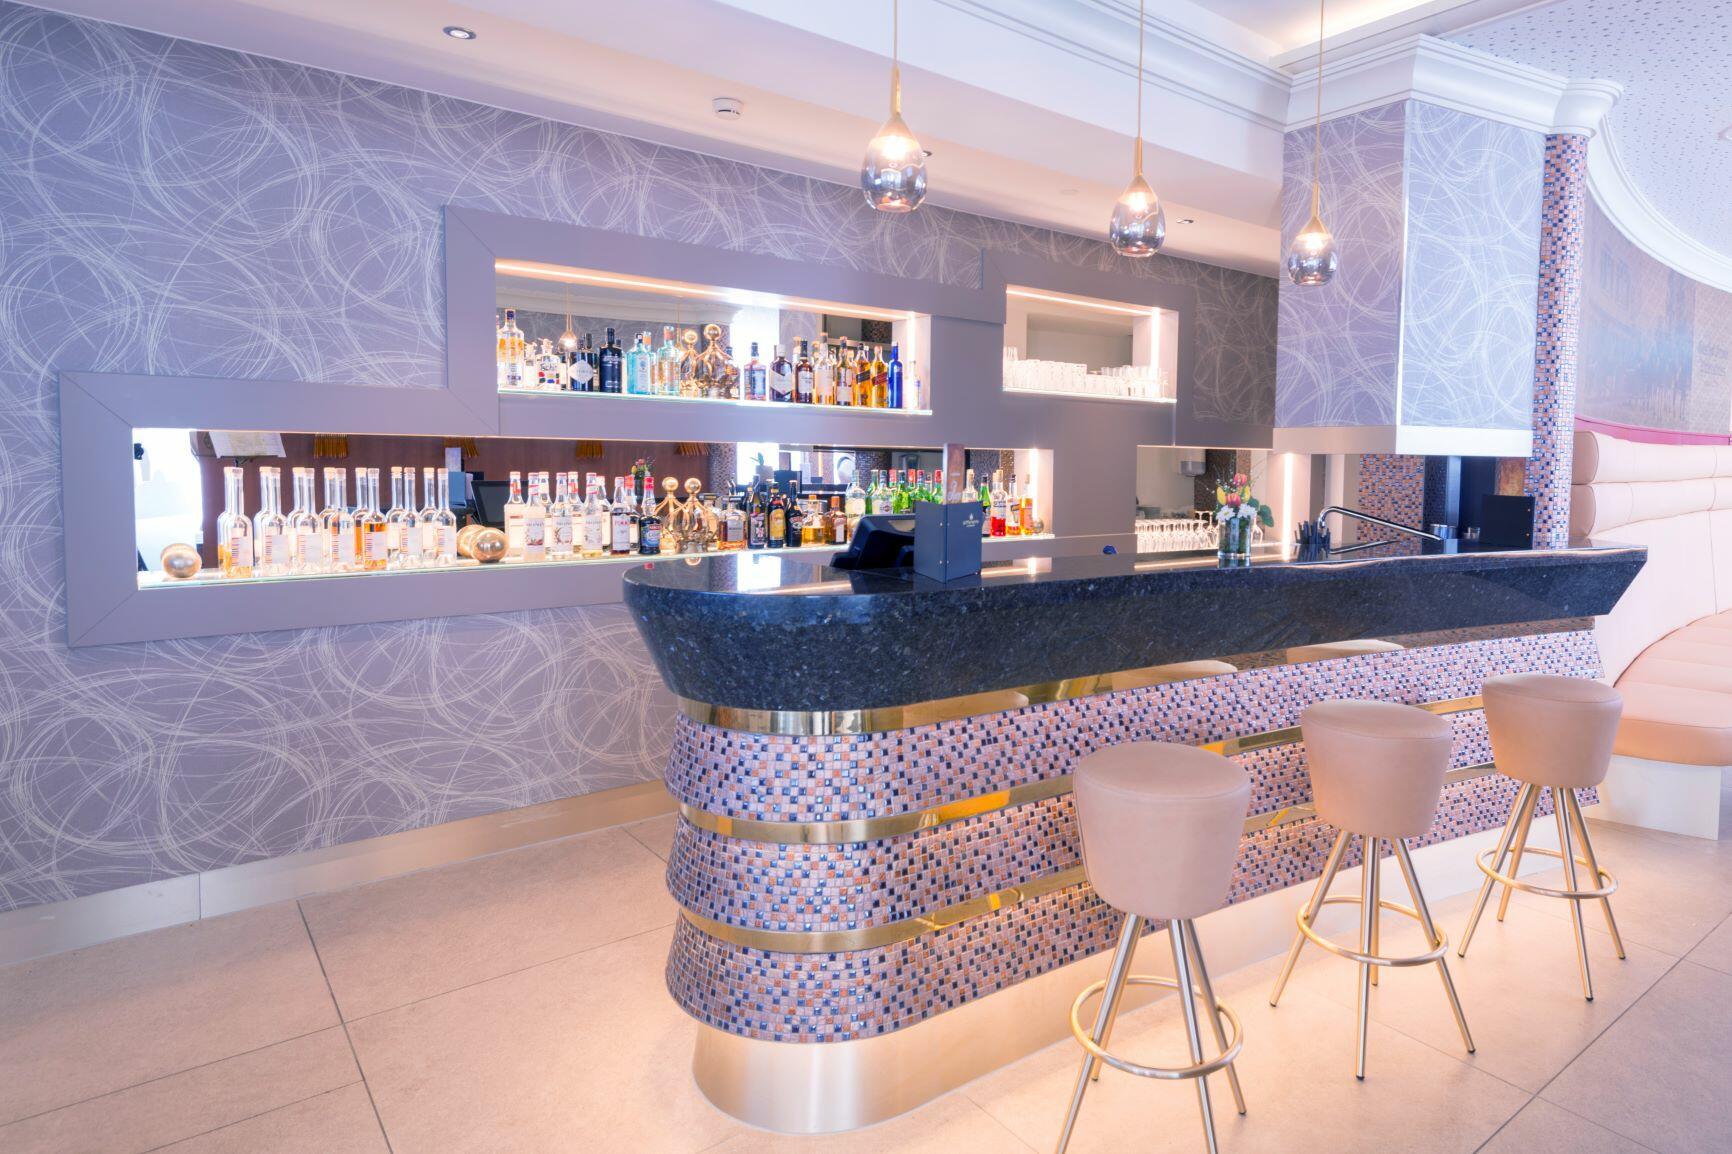 Bar at Hotel Krone Unterstrass in Zurich